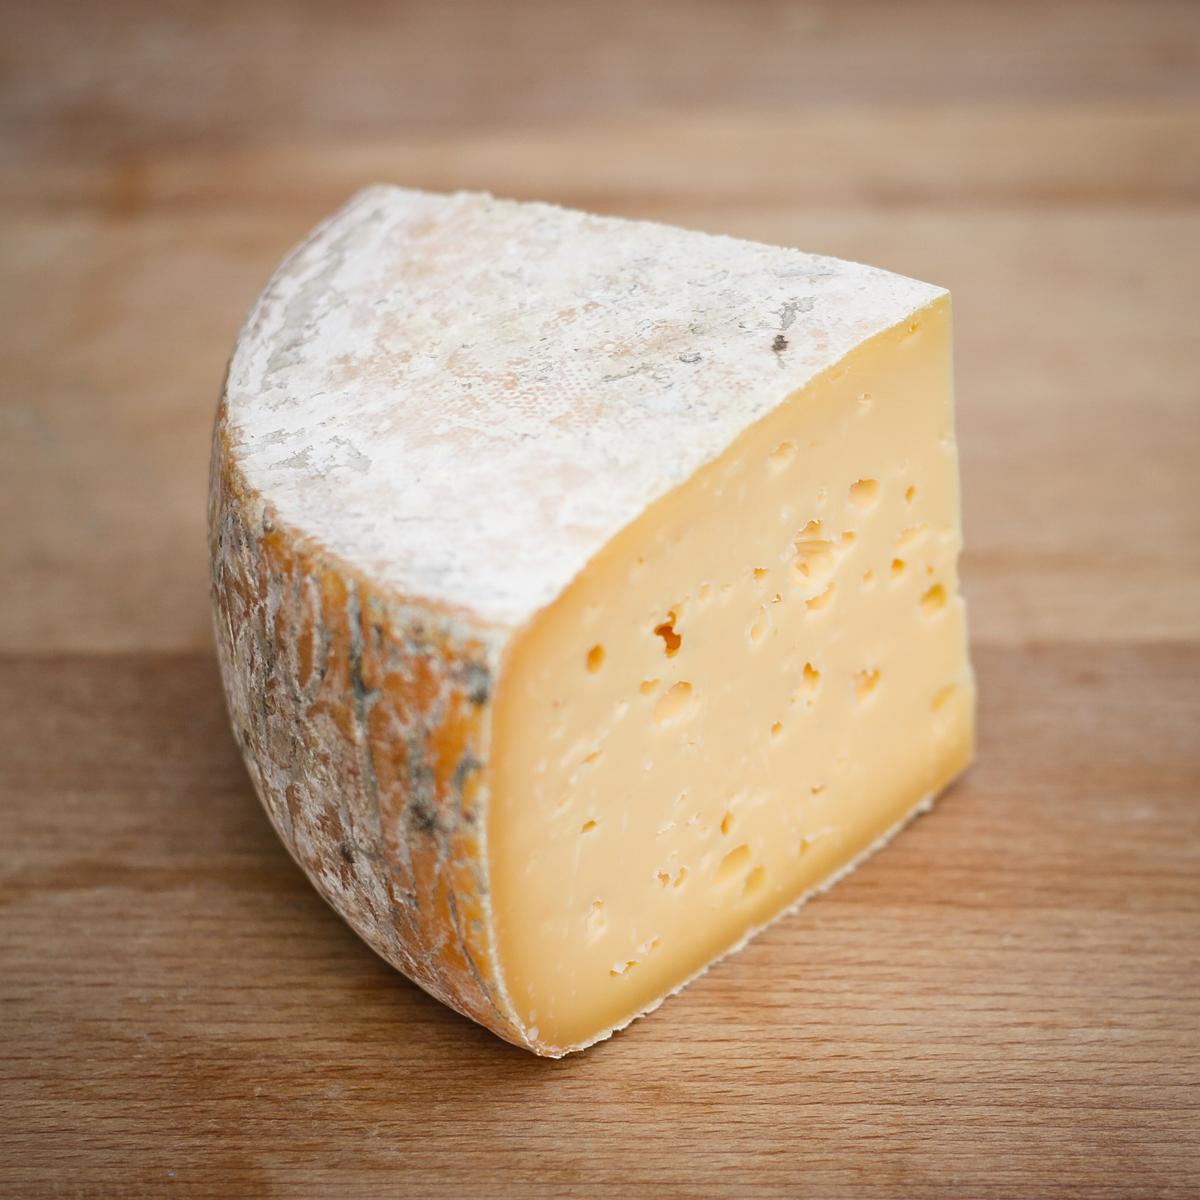 Parlour Made Mordon Isle Cheese